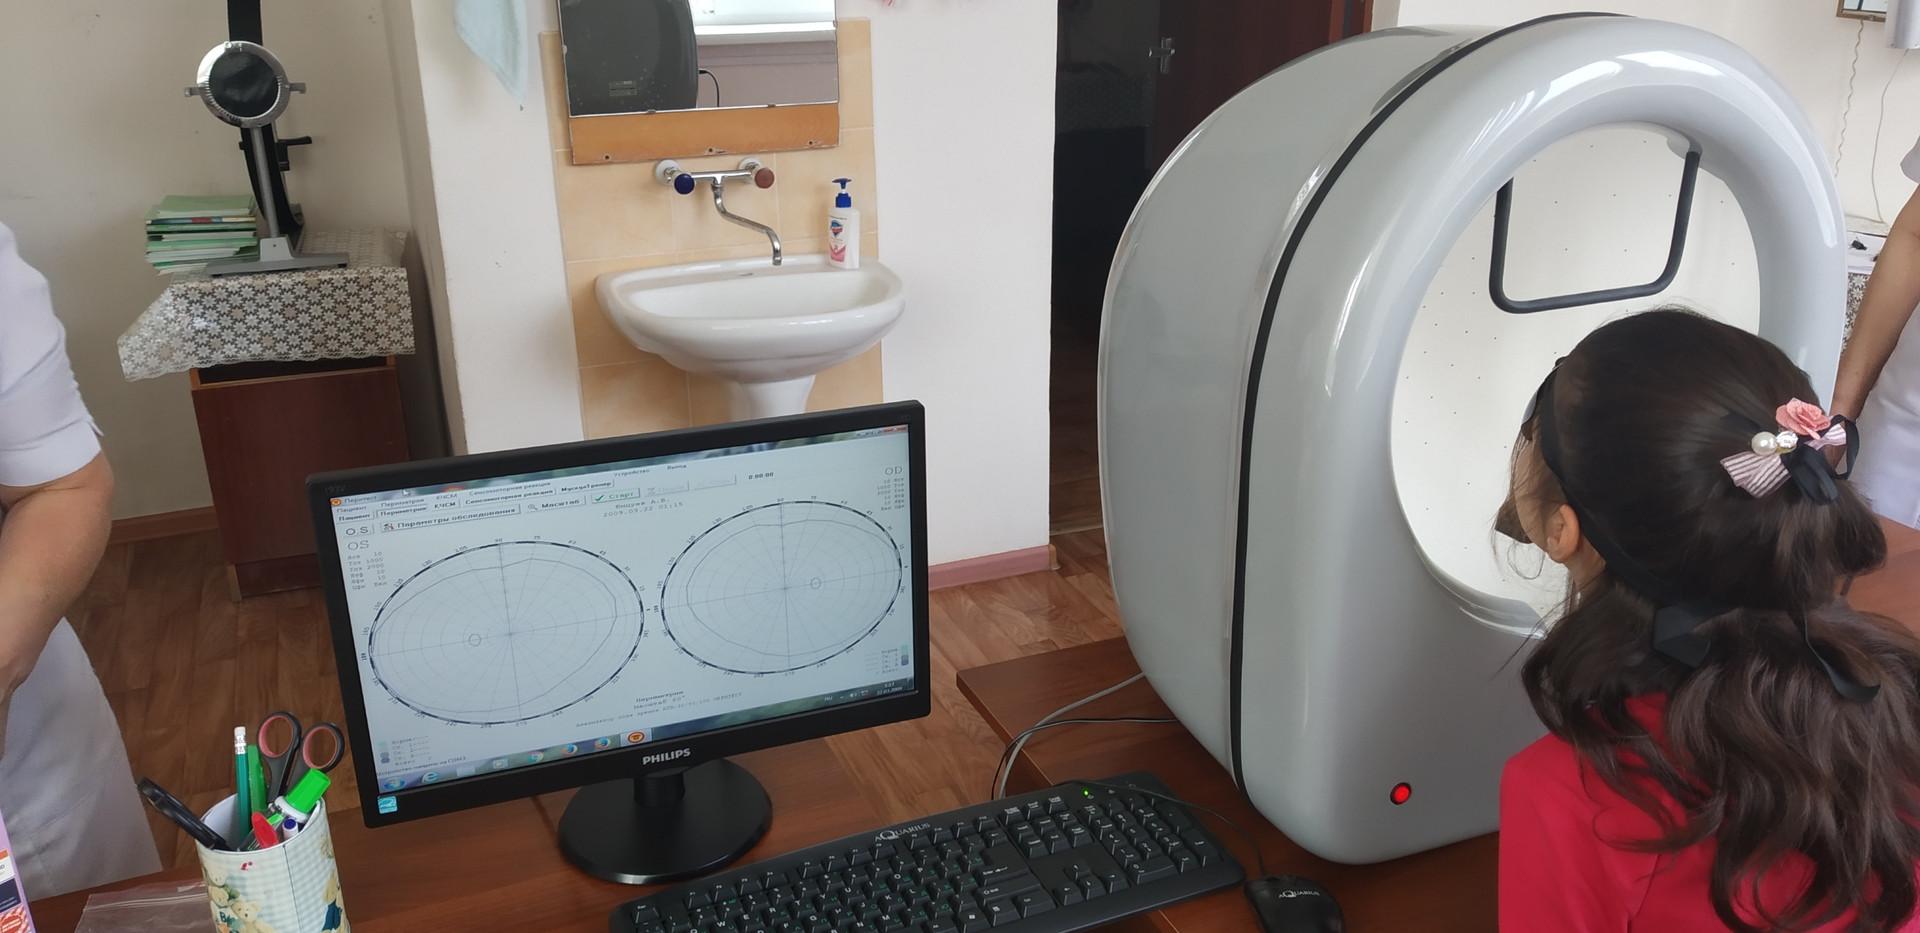 Прибор для исследования поля зрения2.jpg